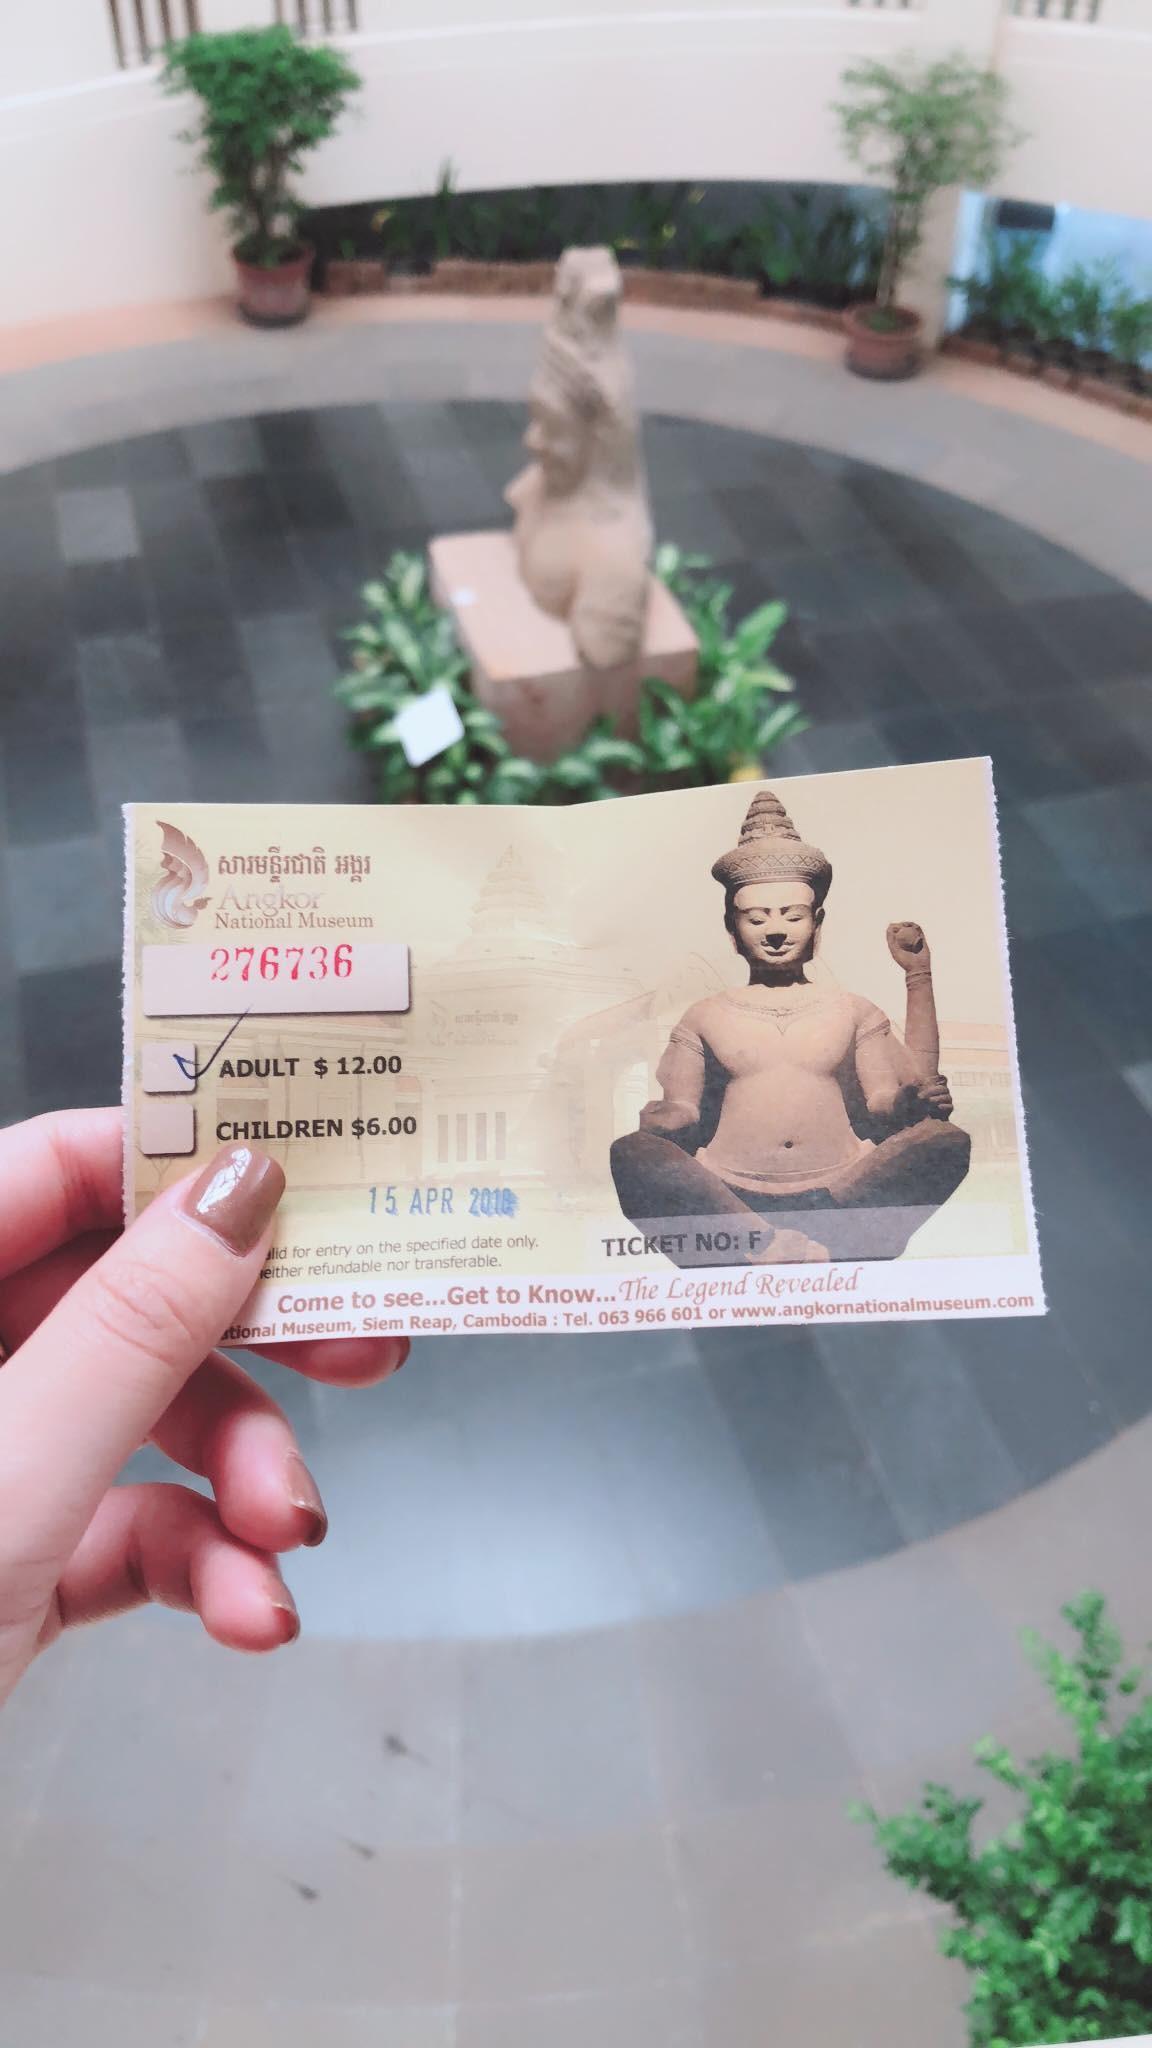 Angkor National Museum – Điểm dừng chân không nên bỏ lỡ? - Ảnh 4.